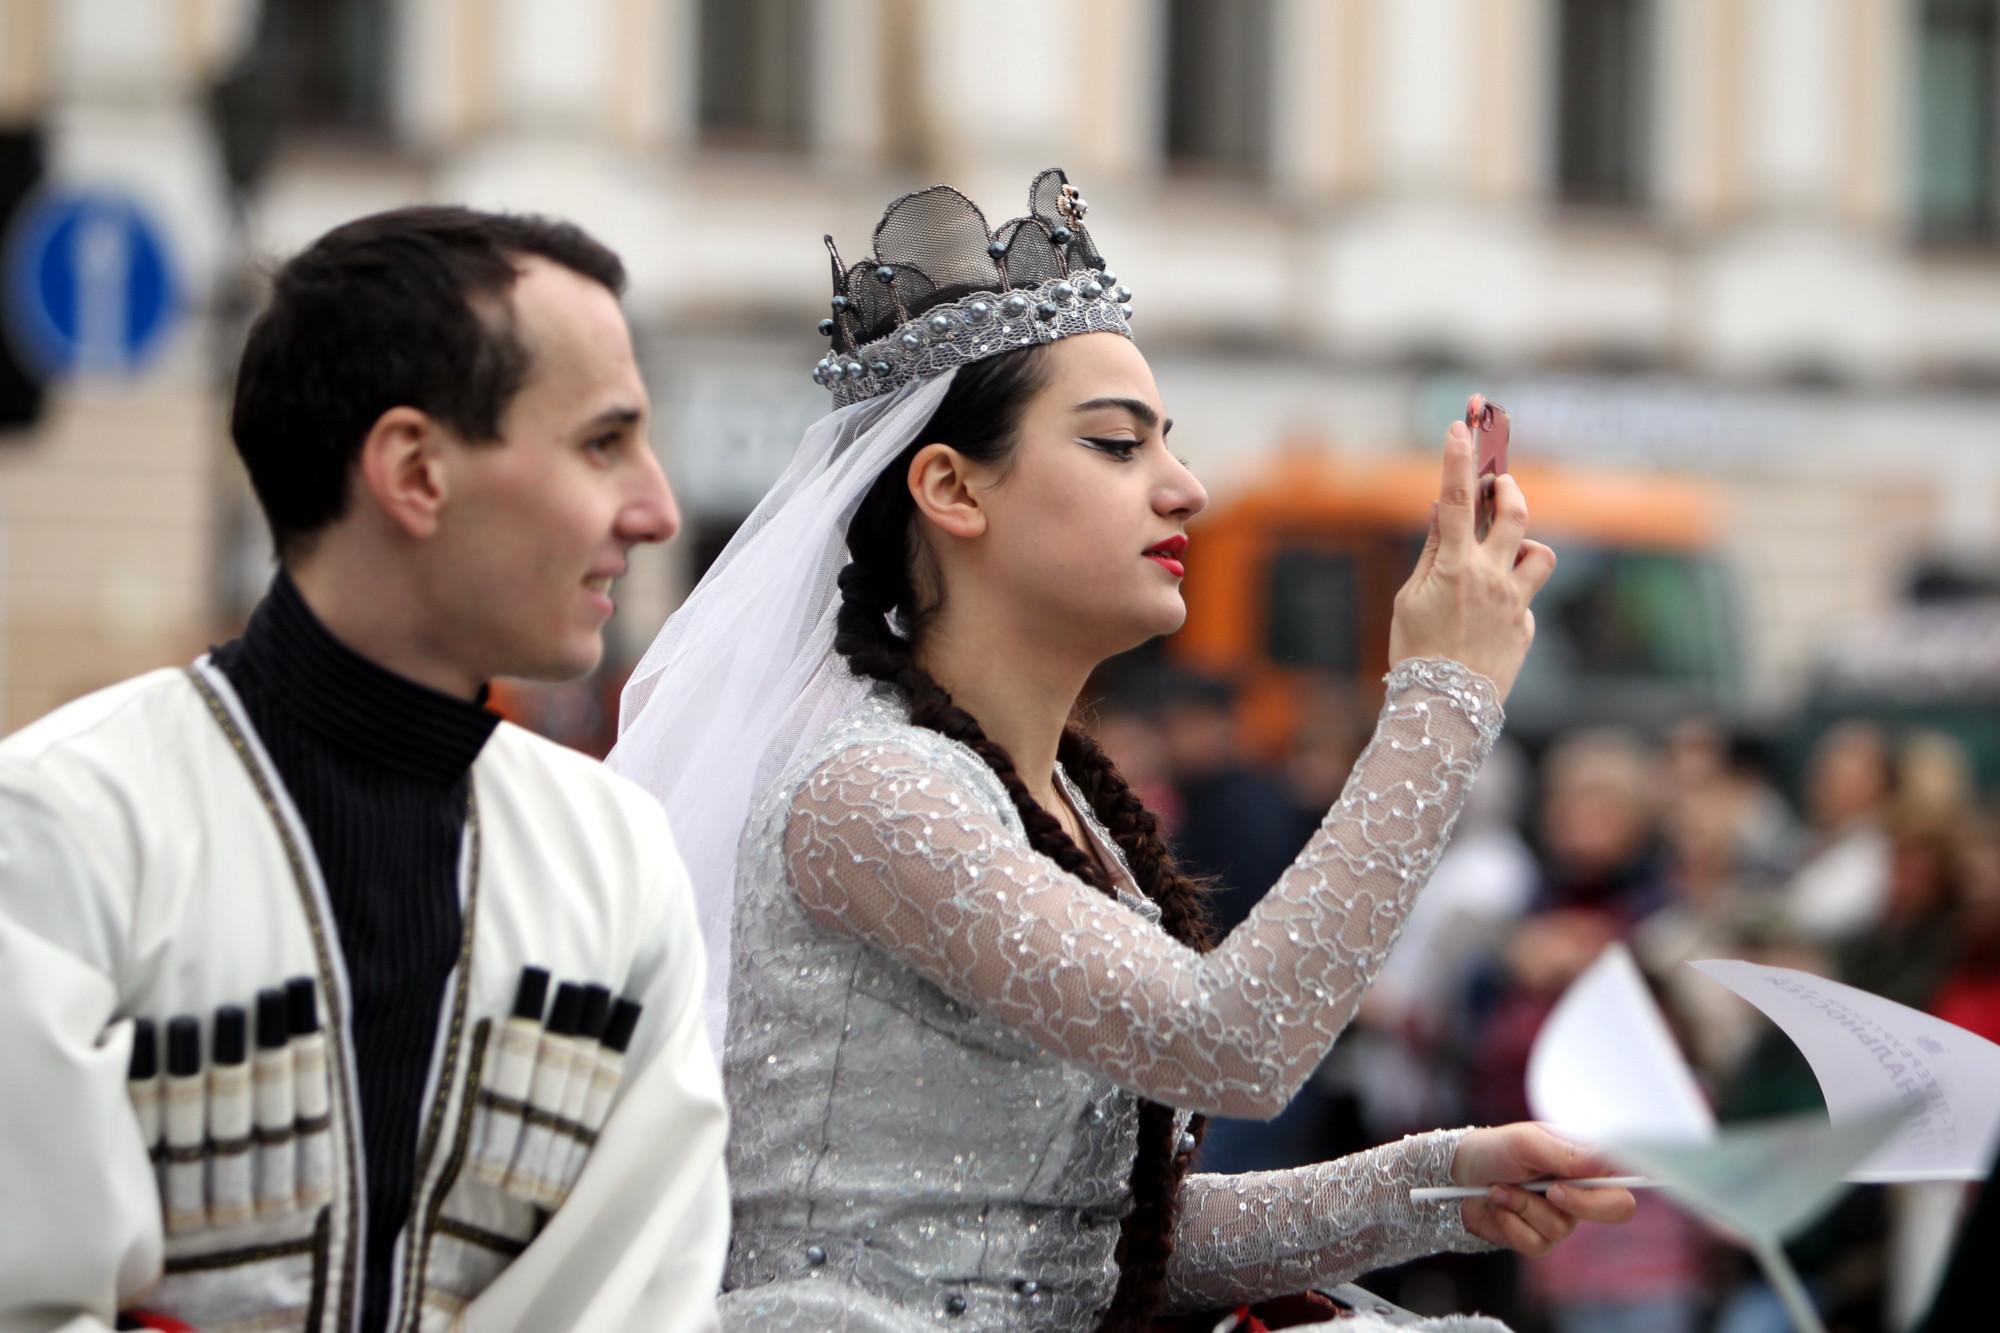 День города парад национальностей Невский проспект черкешенка красивая девушка